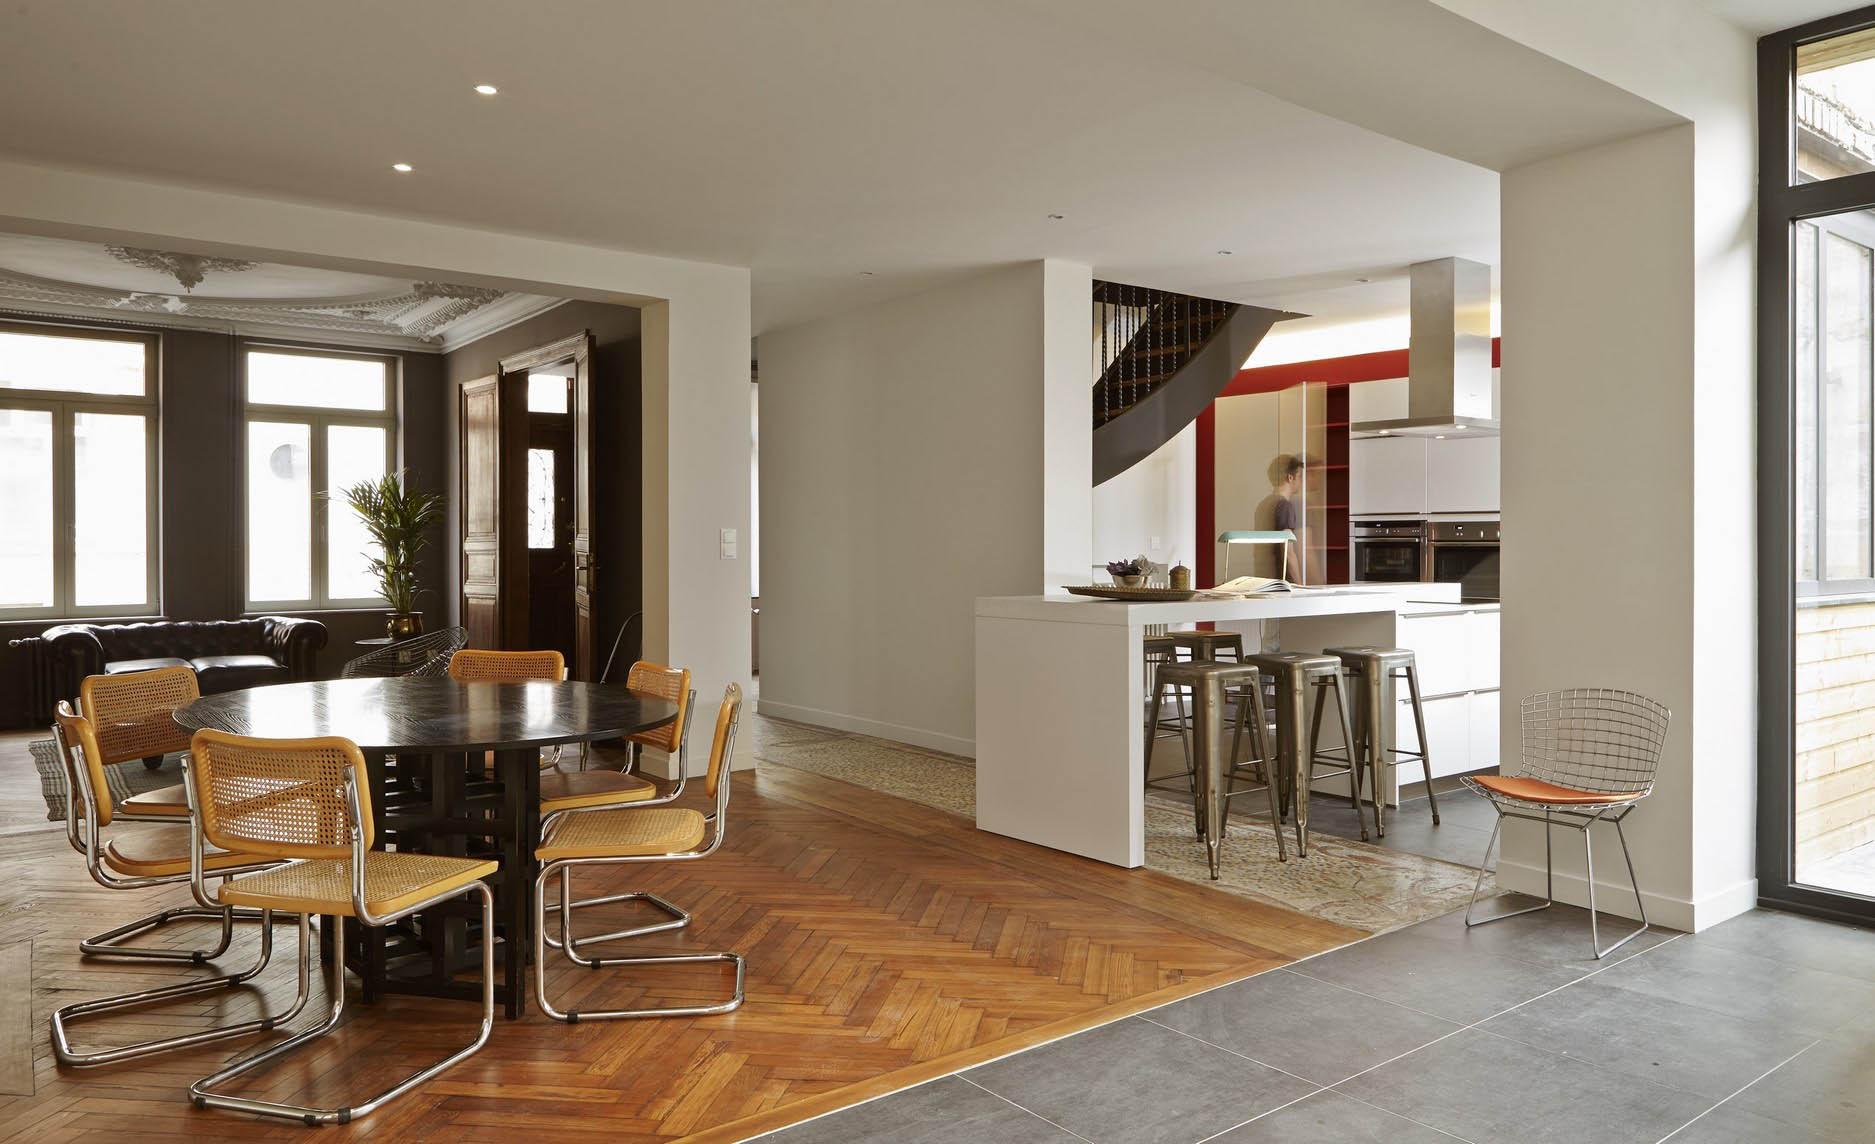 Renovation Et Restructuration Dune Maison Bourgeoise A Saint Amand Les Eaux Pres De Valenciennes